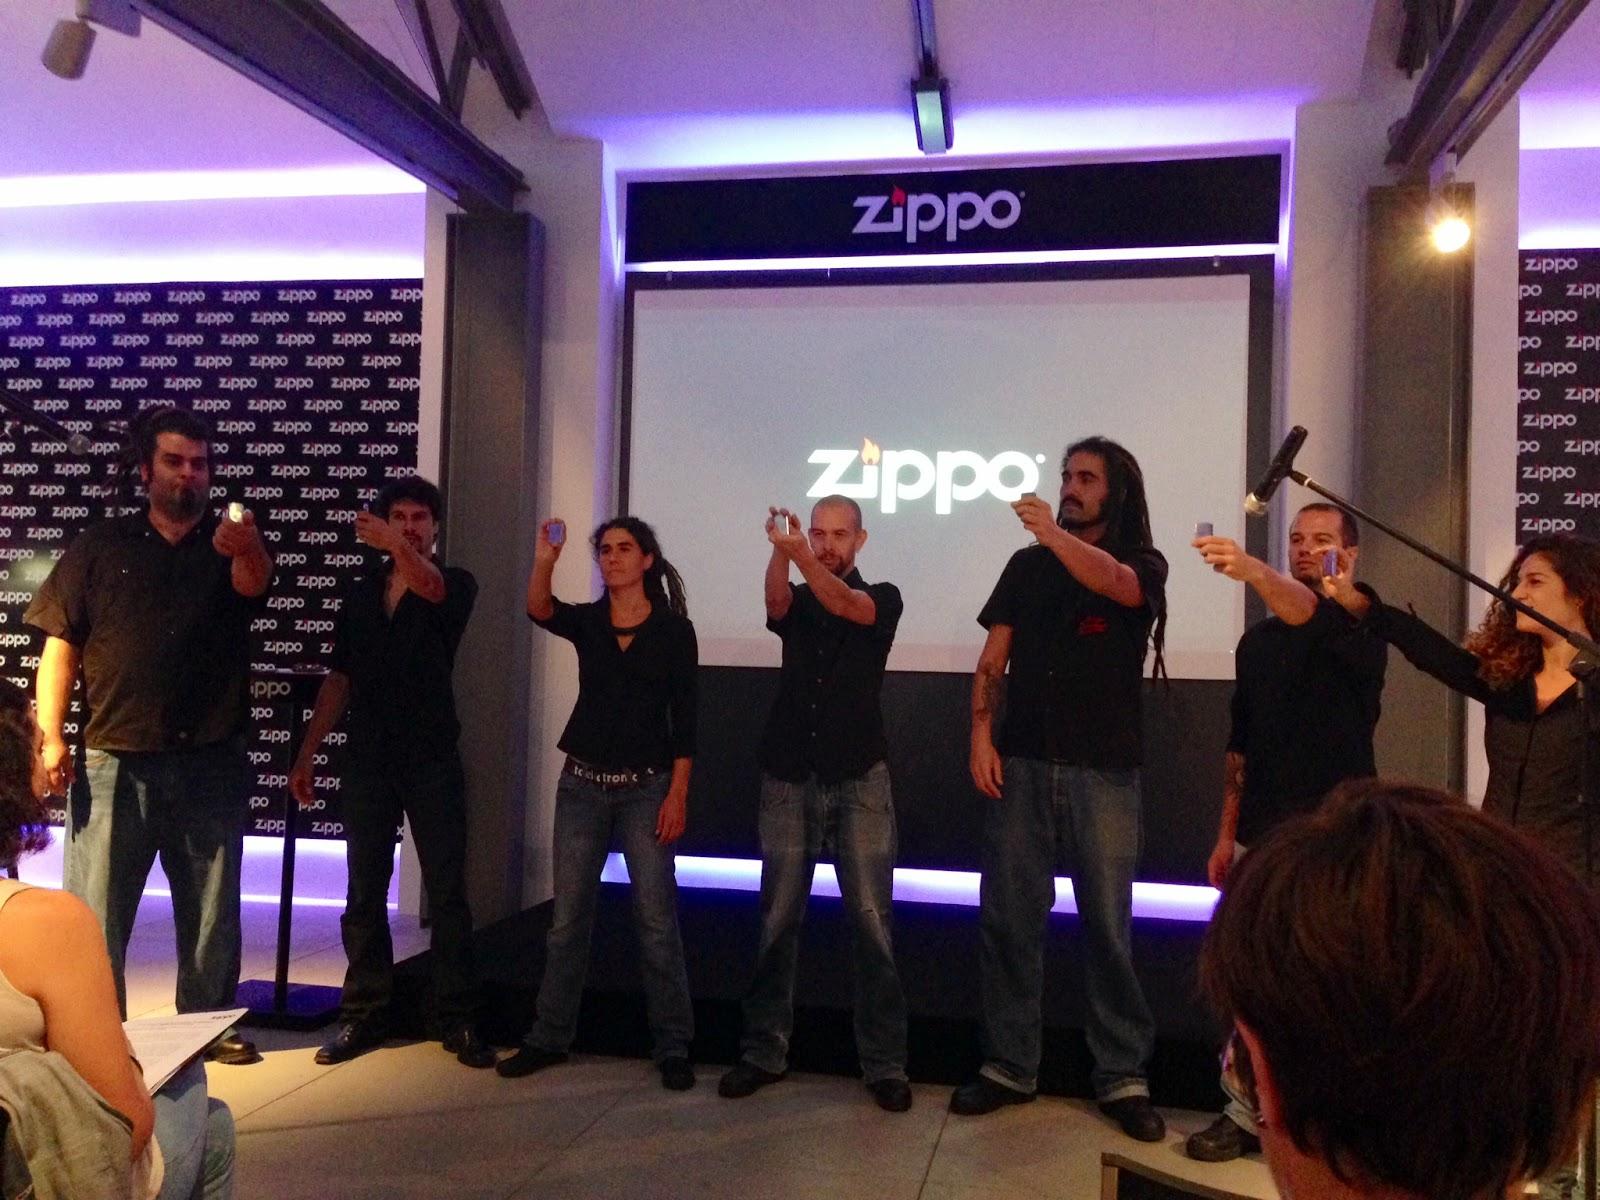 Original inicio de la presentación de Zippo en España